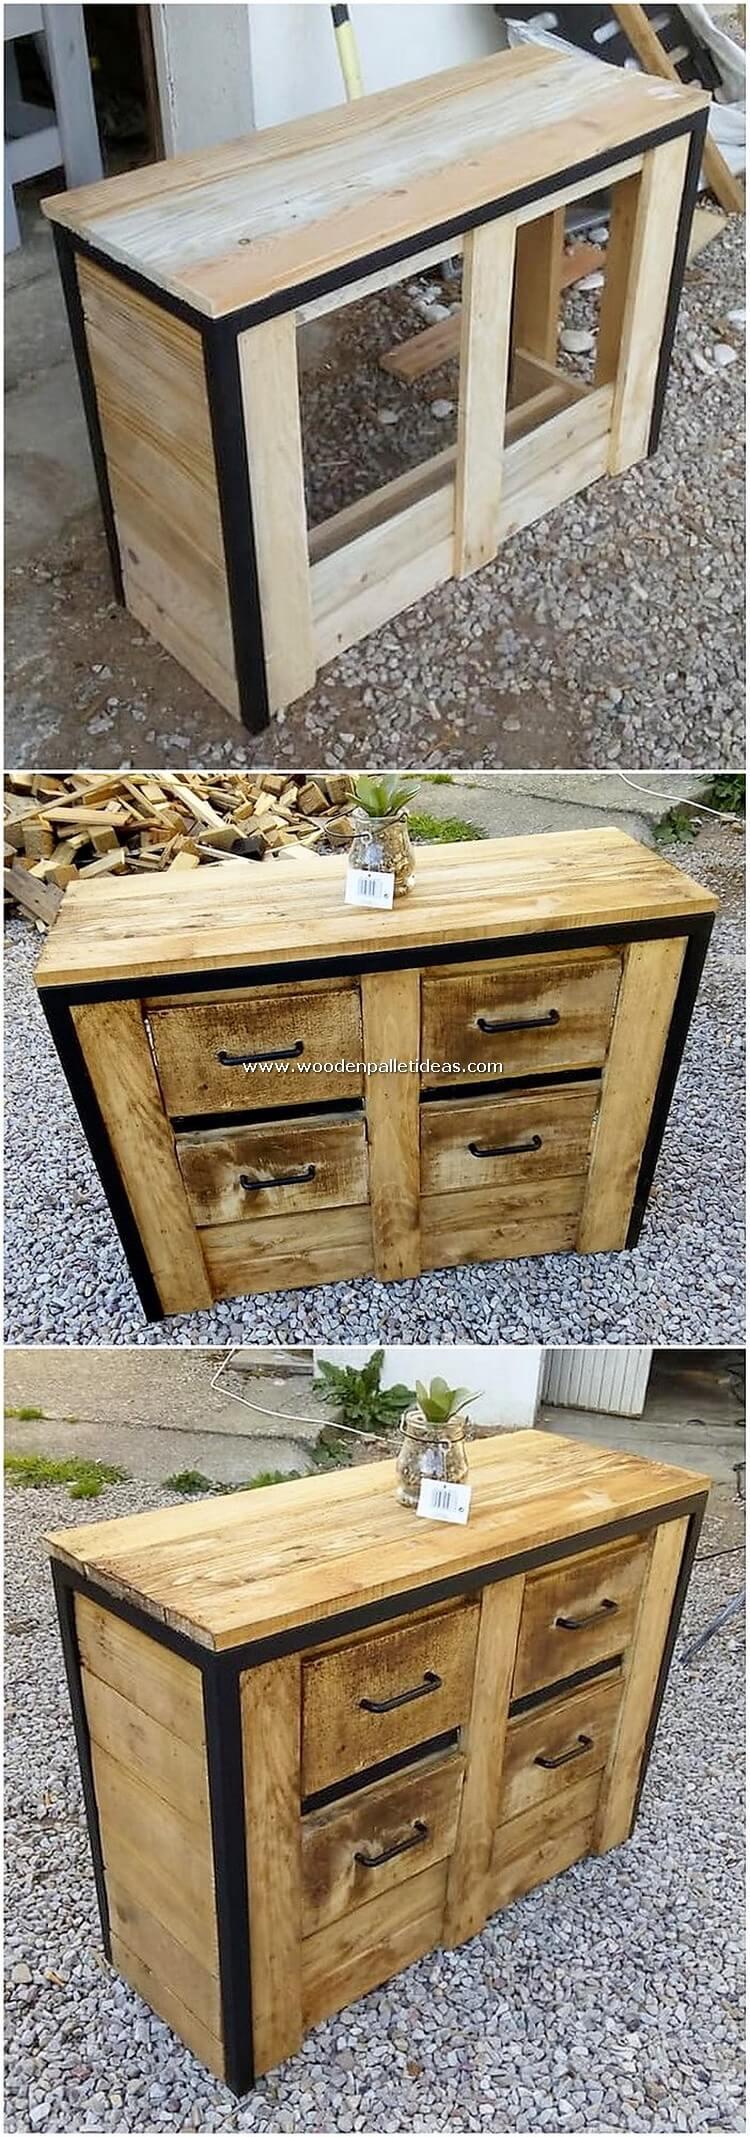 DIY-Pallet-Cabinet